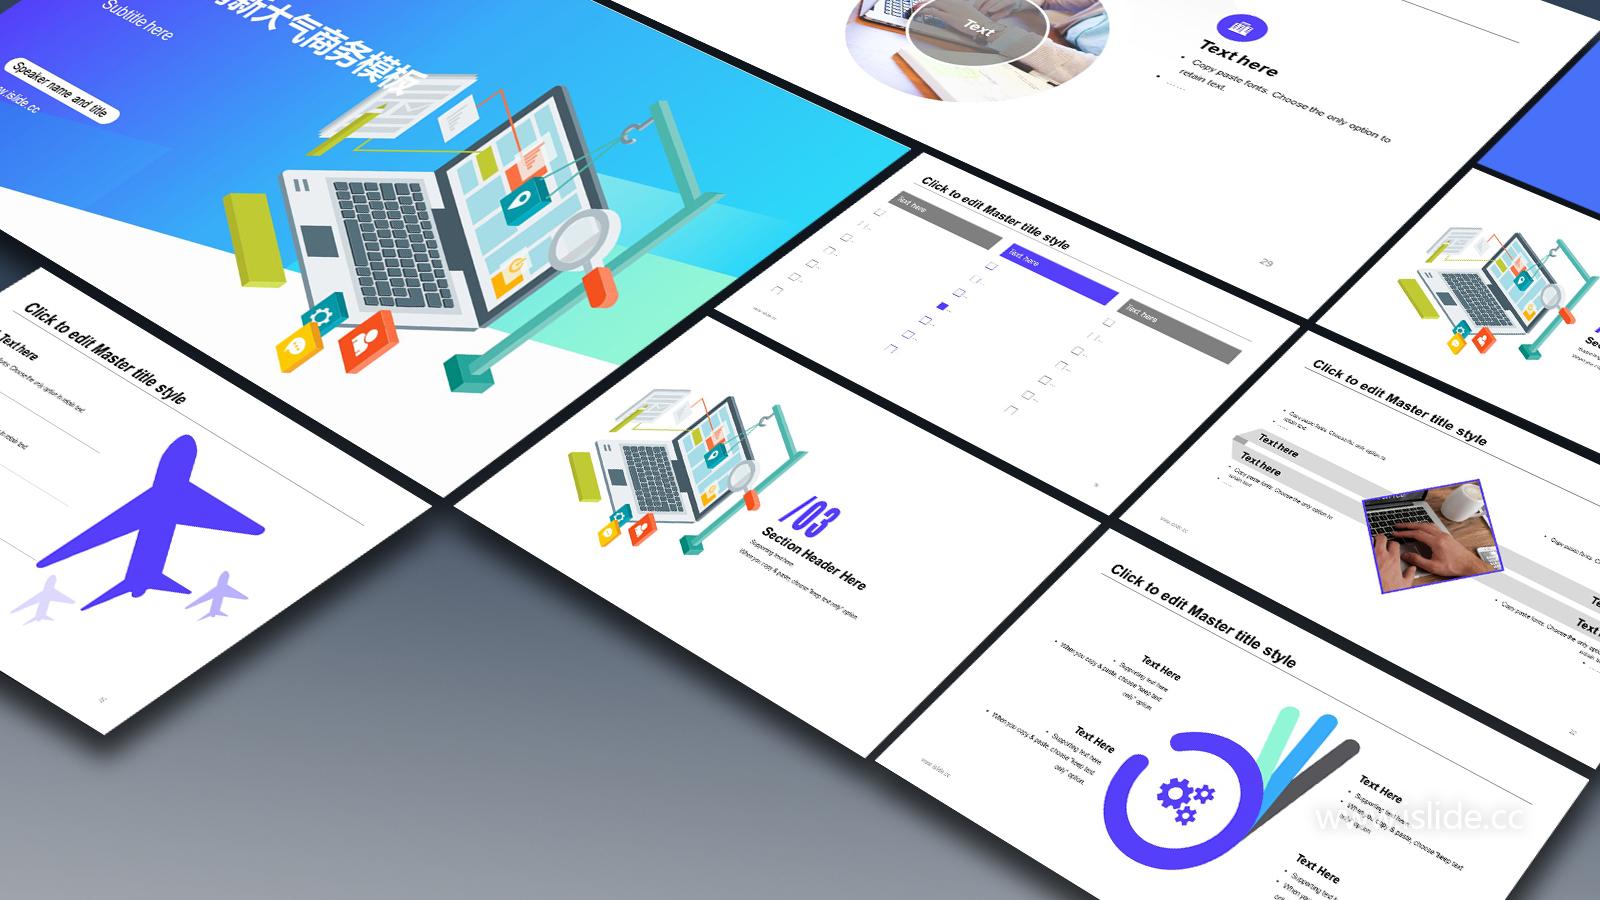 网页风节约实用职业规划PPT下载_预览图1